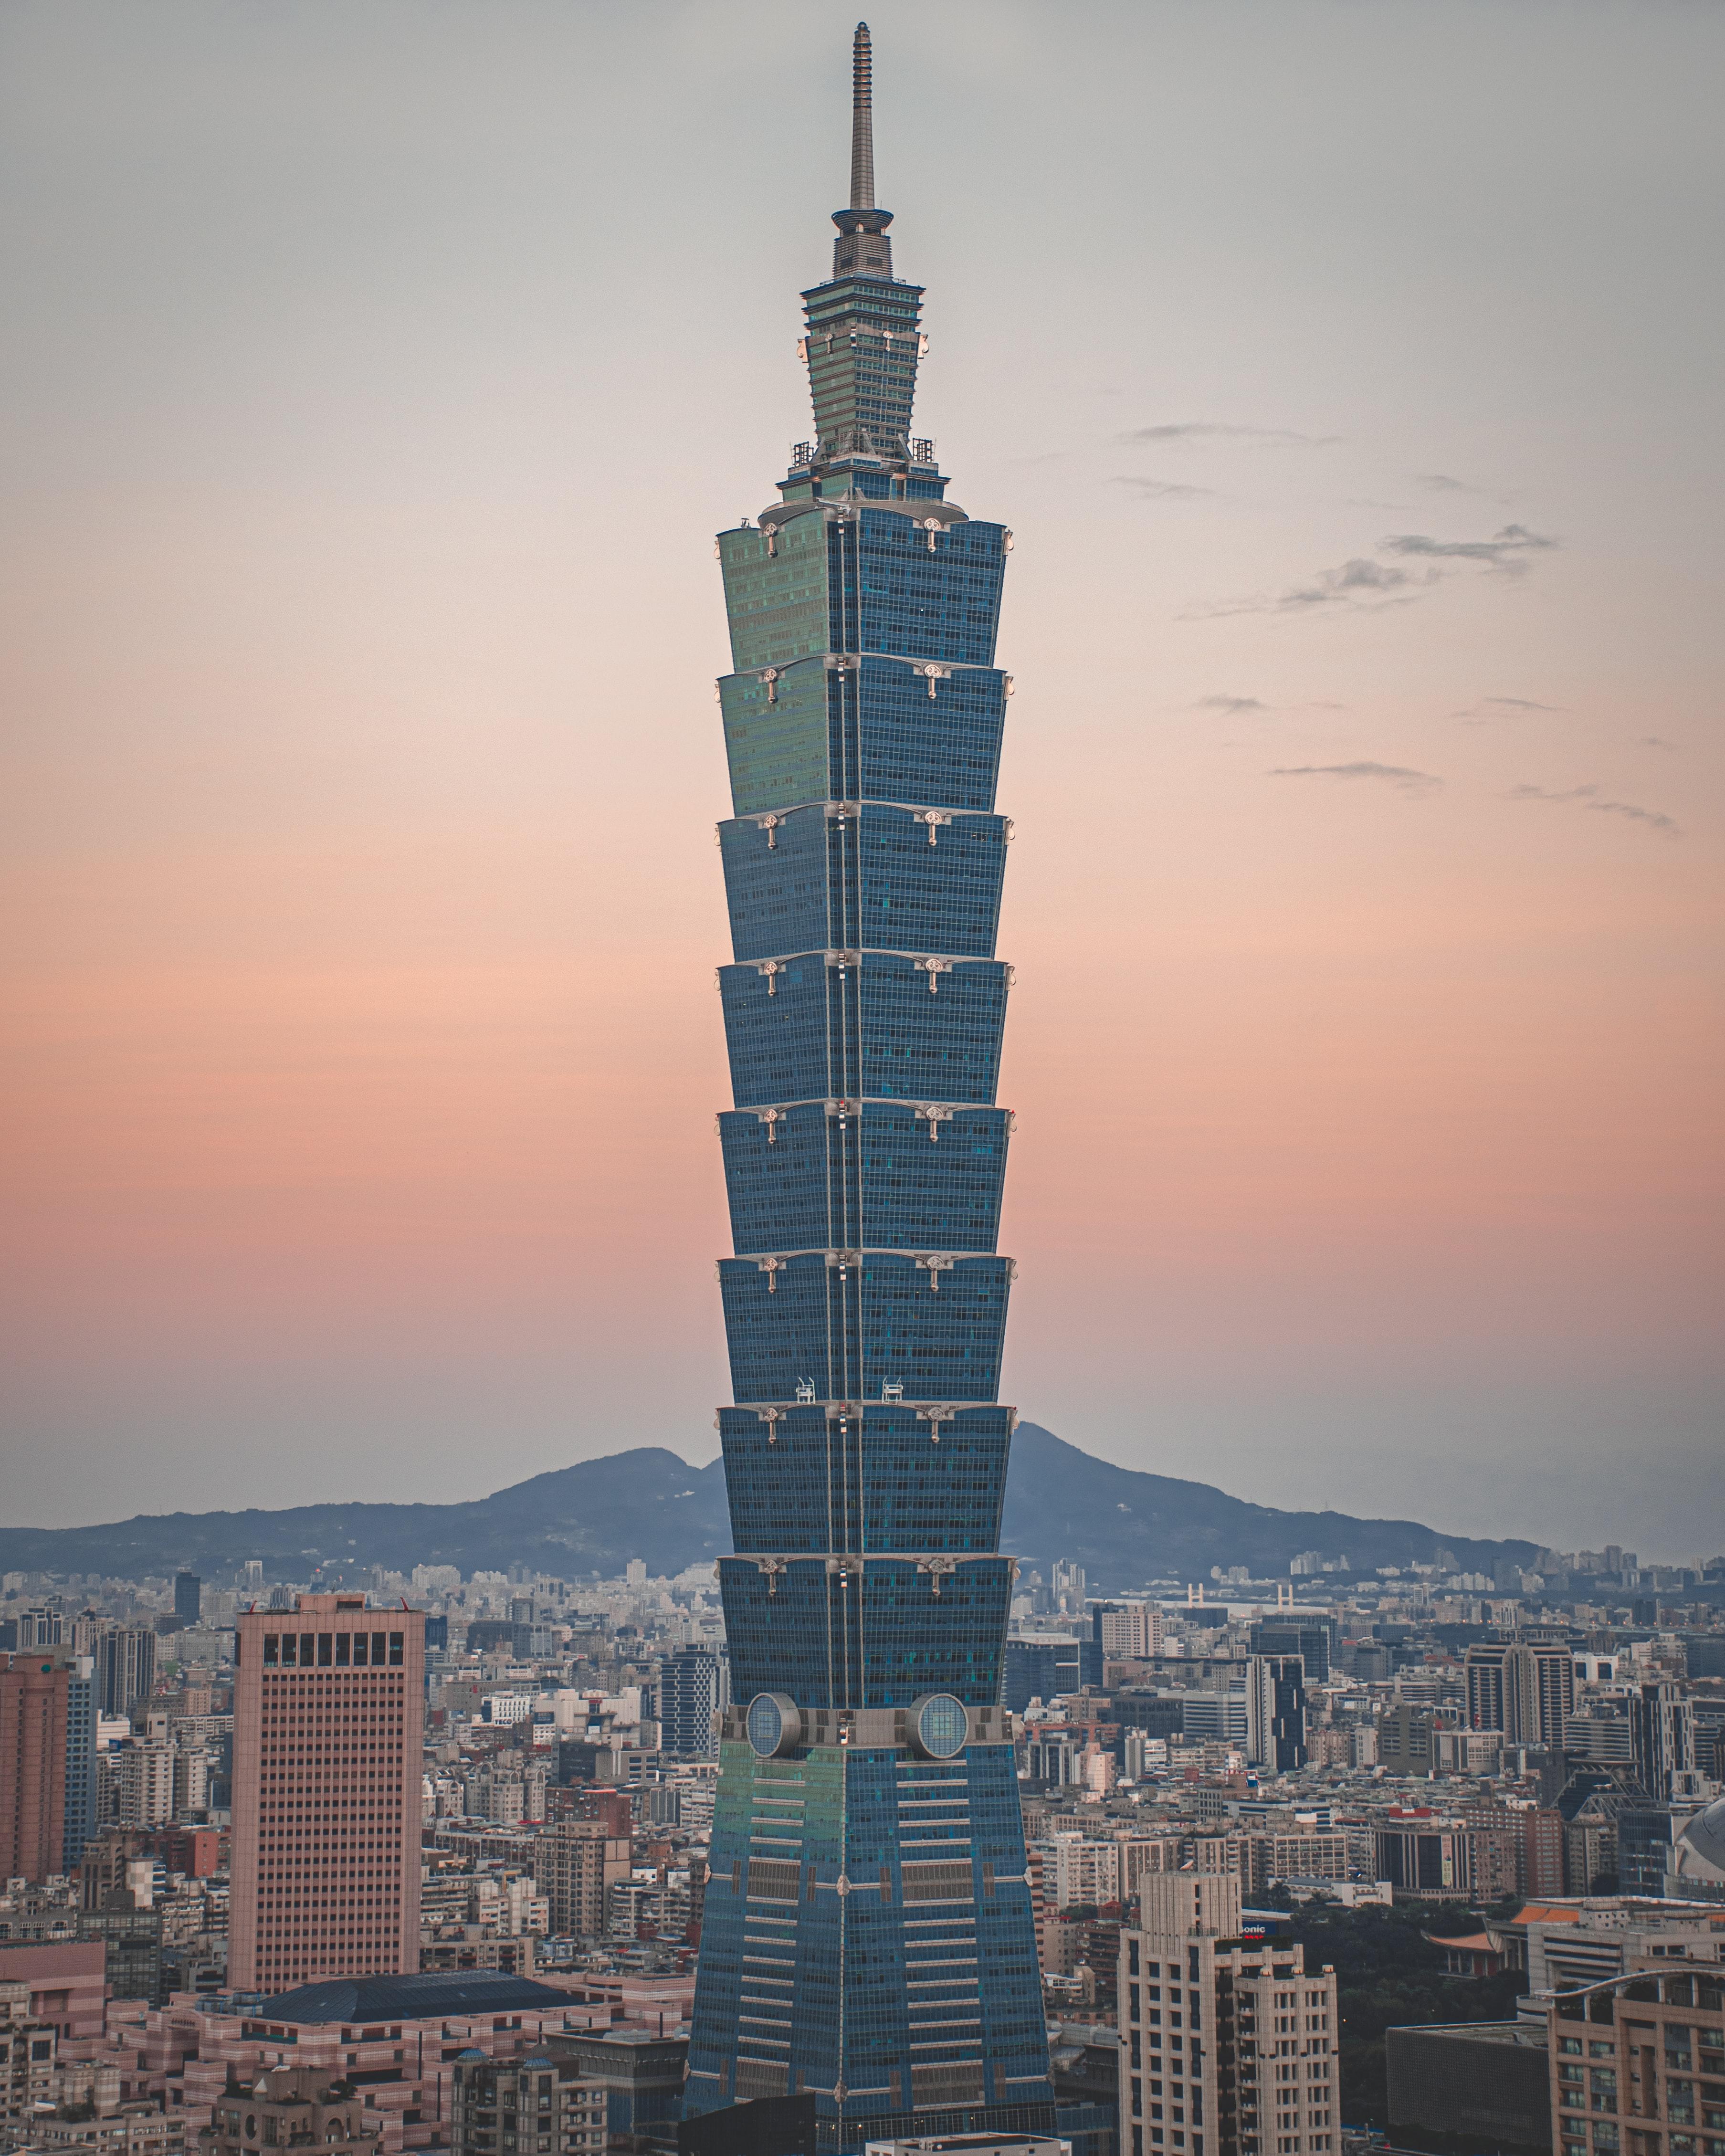 77950壁紙のダウンロードタワー, 塔, 建物, 市, 都市, 上から見る, アーキテクチャ-スクリーンセーバーと写真を無料で